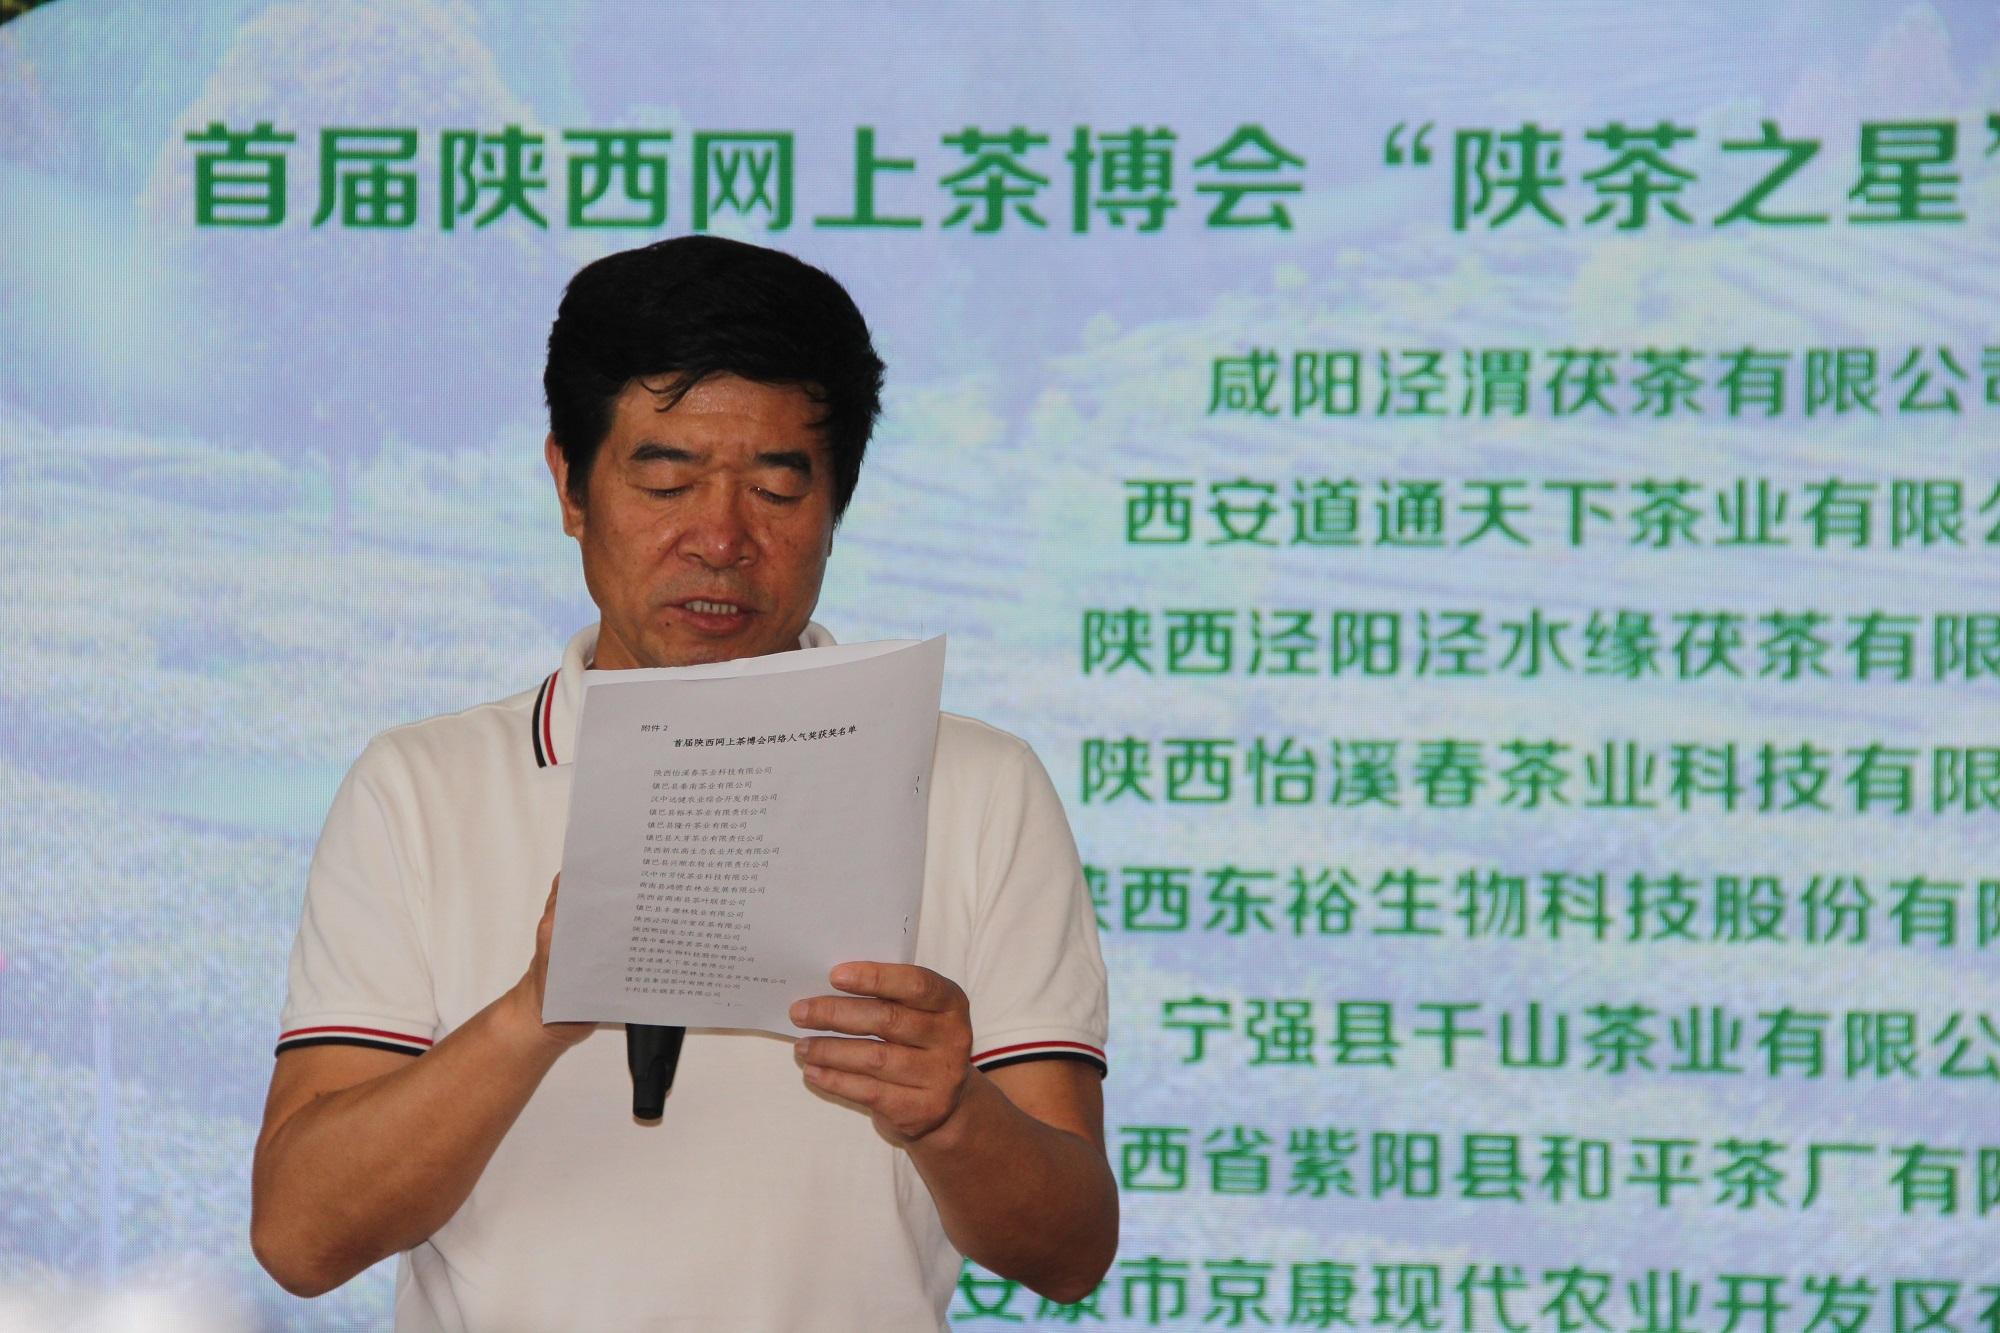 省农业农村厅市场信息处处长樊凌翰